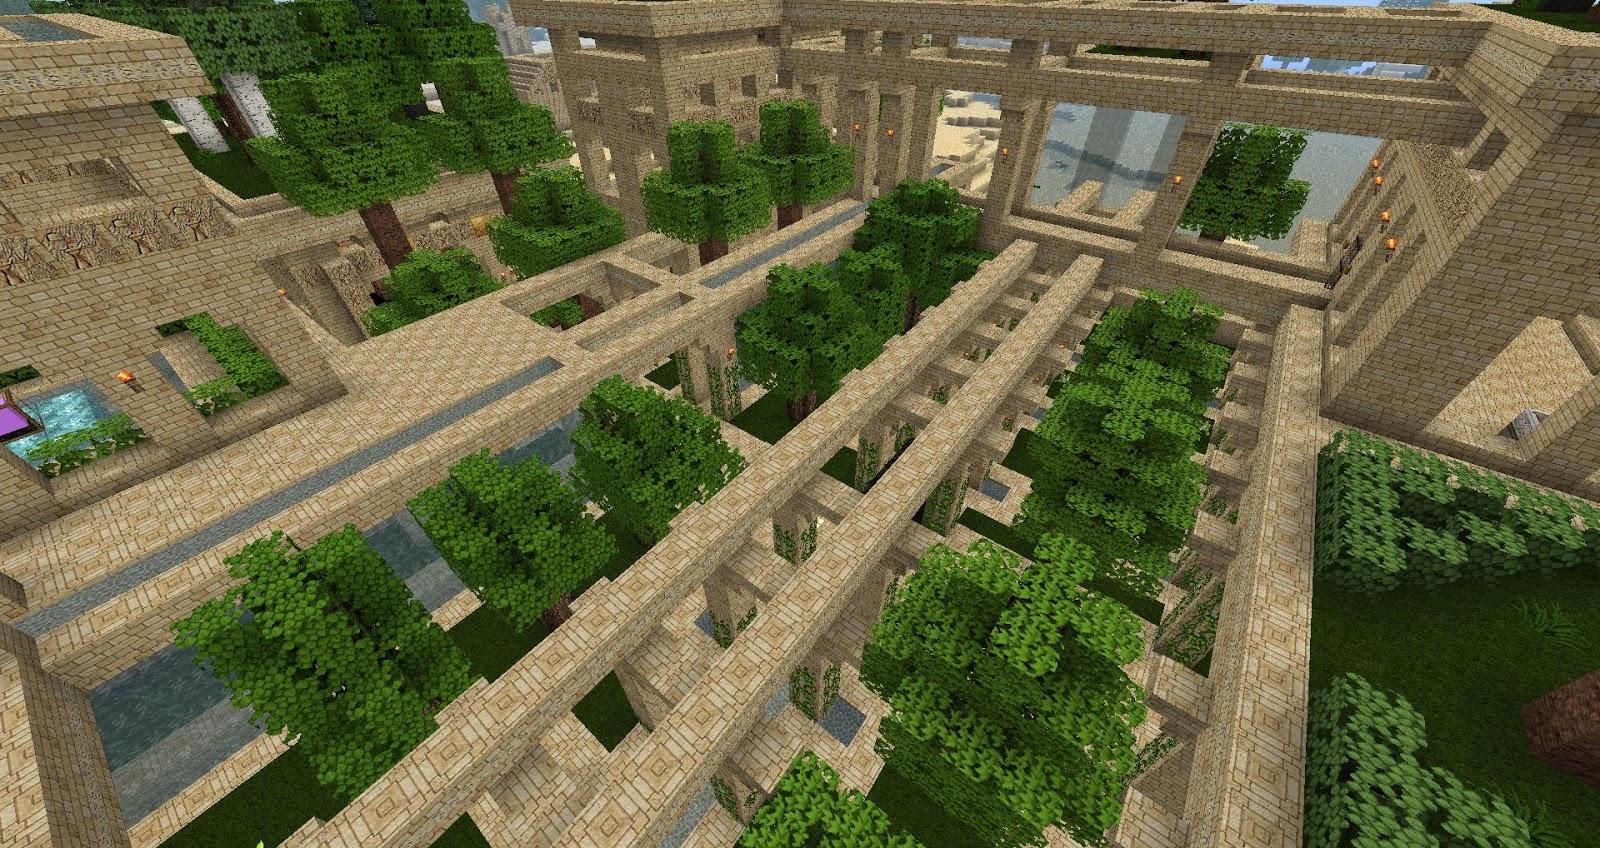 minecraft hanging gardens - Minecraft Garden Designs